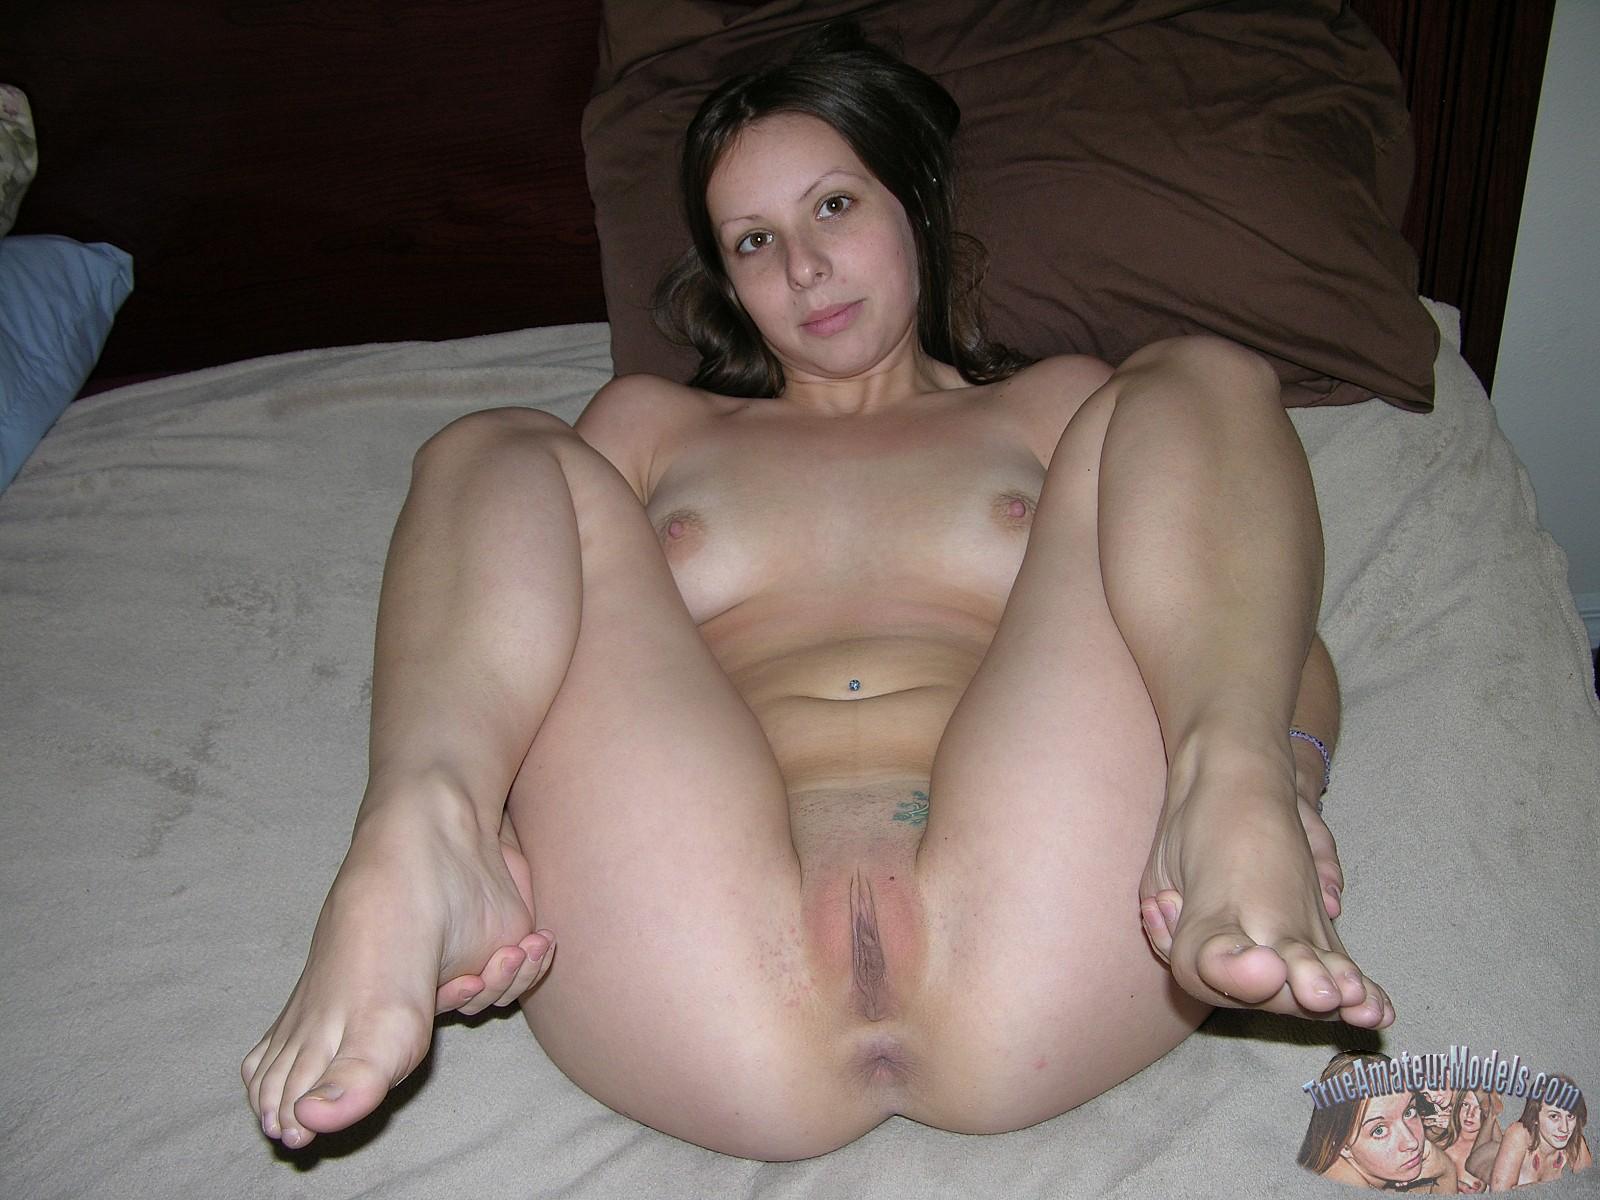 Full figured mature nudes pics